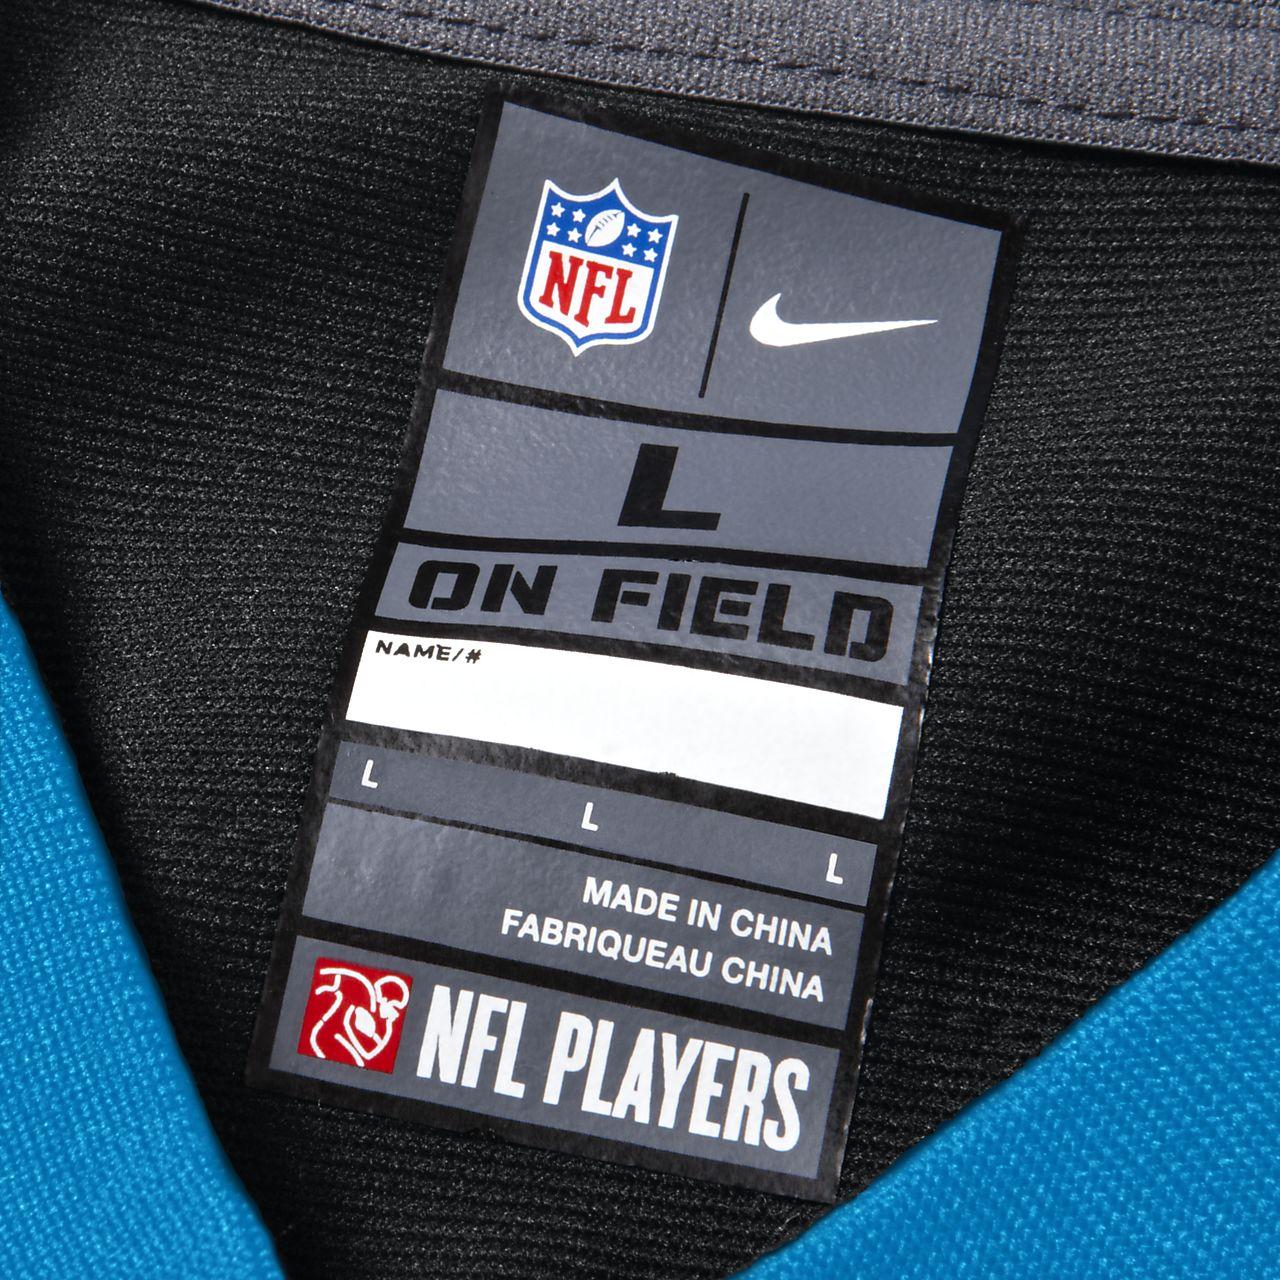 ... NFL Carolina Panthers (Cam Newton) Camiseta de fútbol americano de la  1ª equipación - a610ec5d607